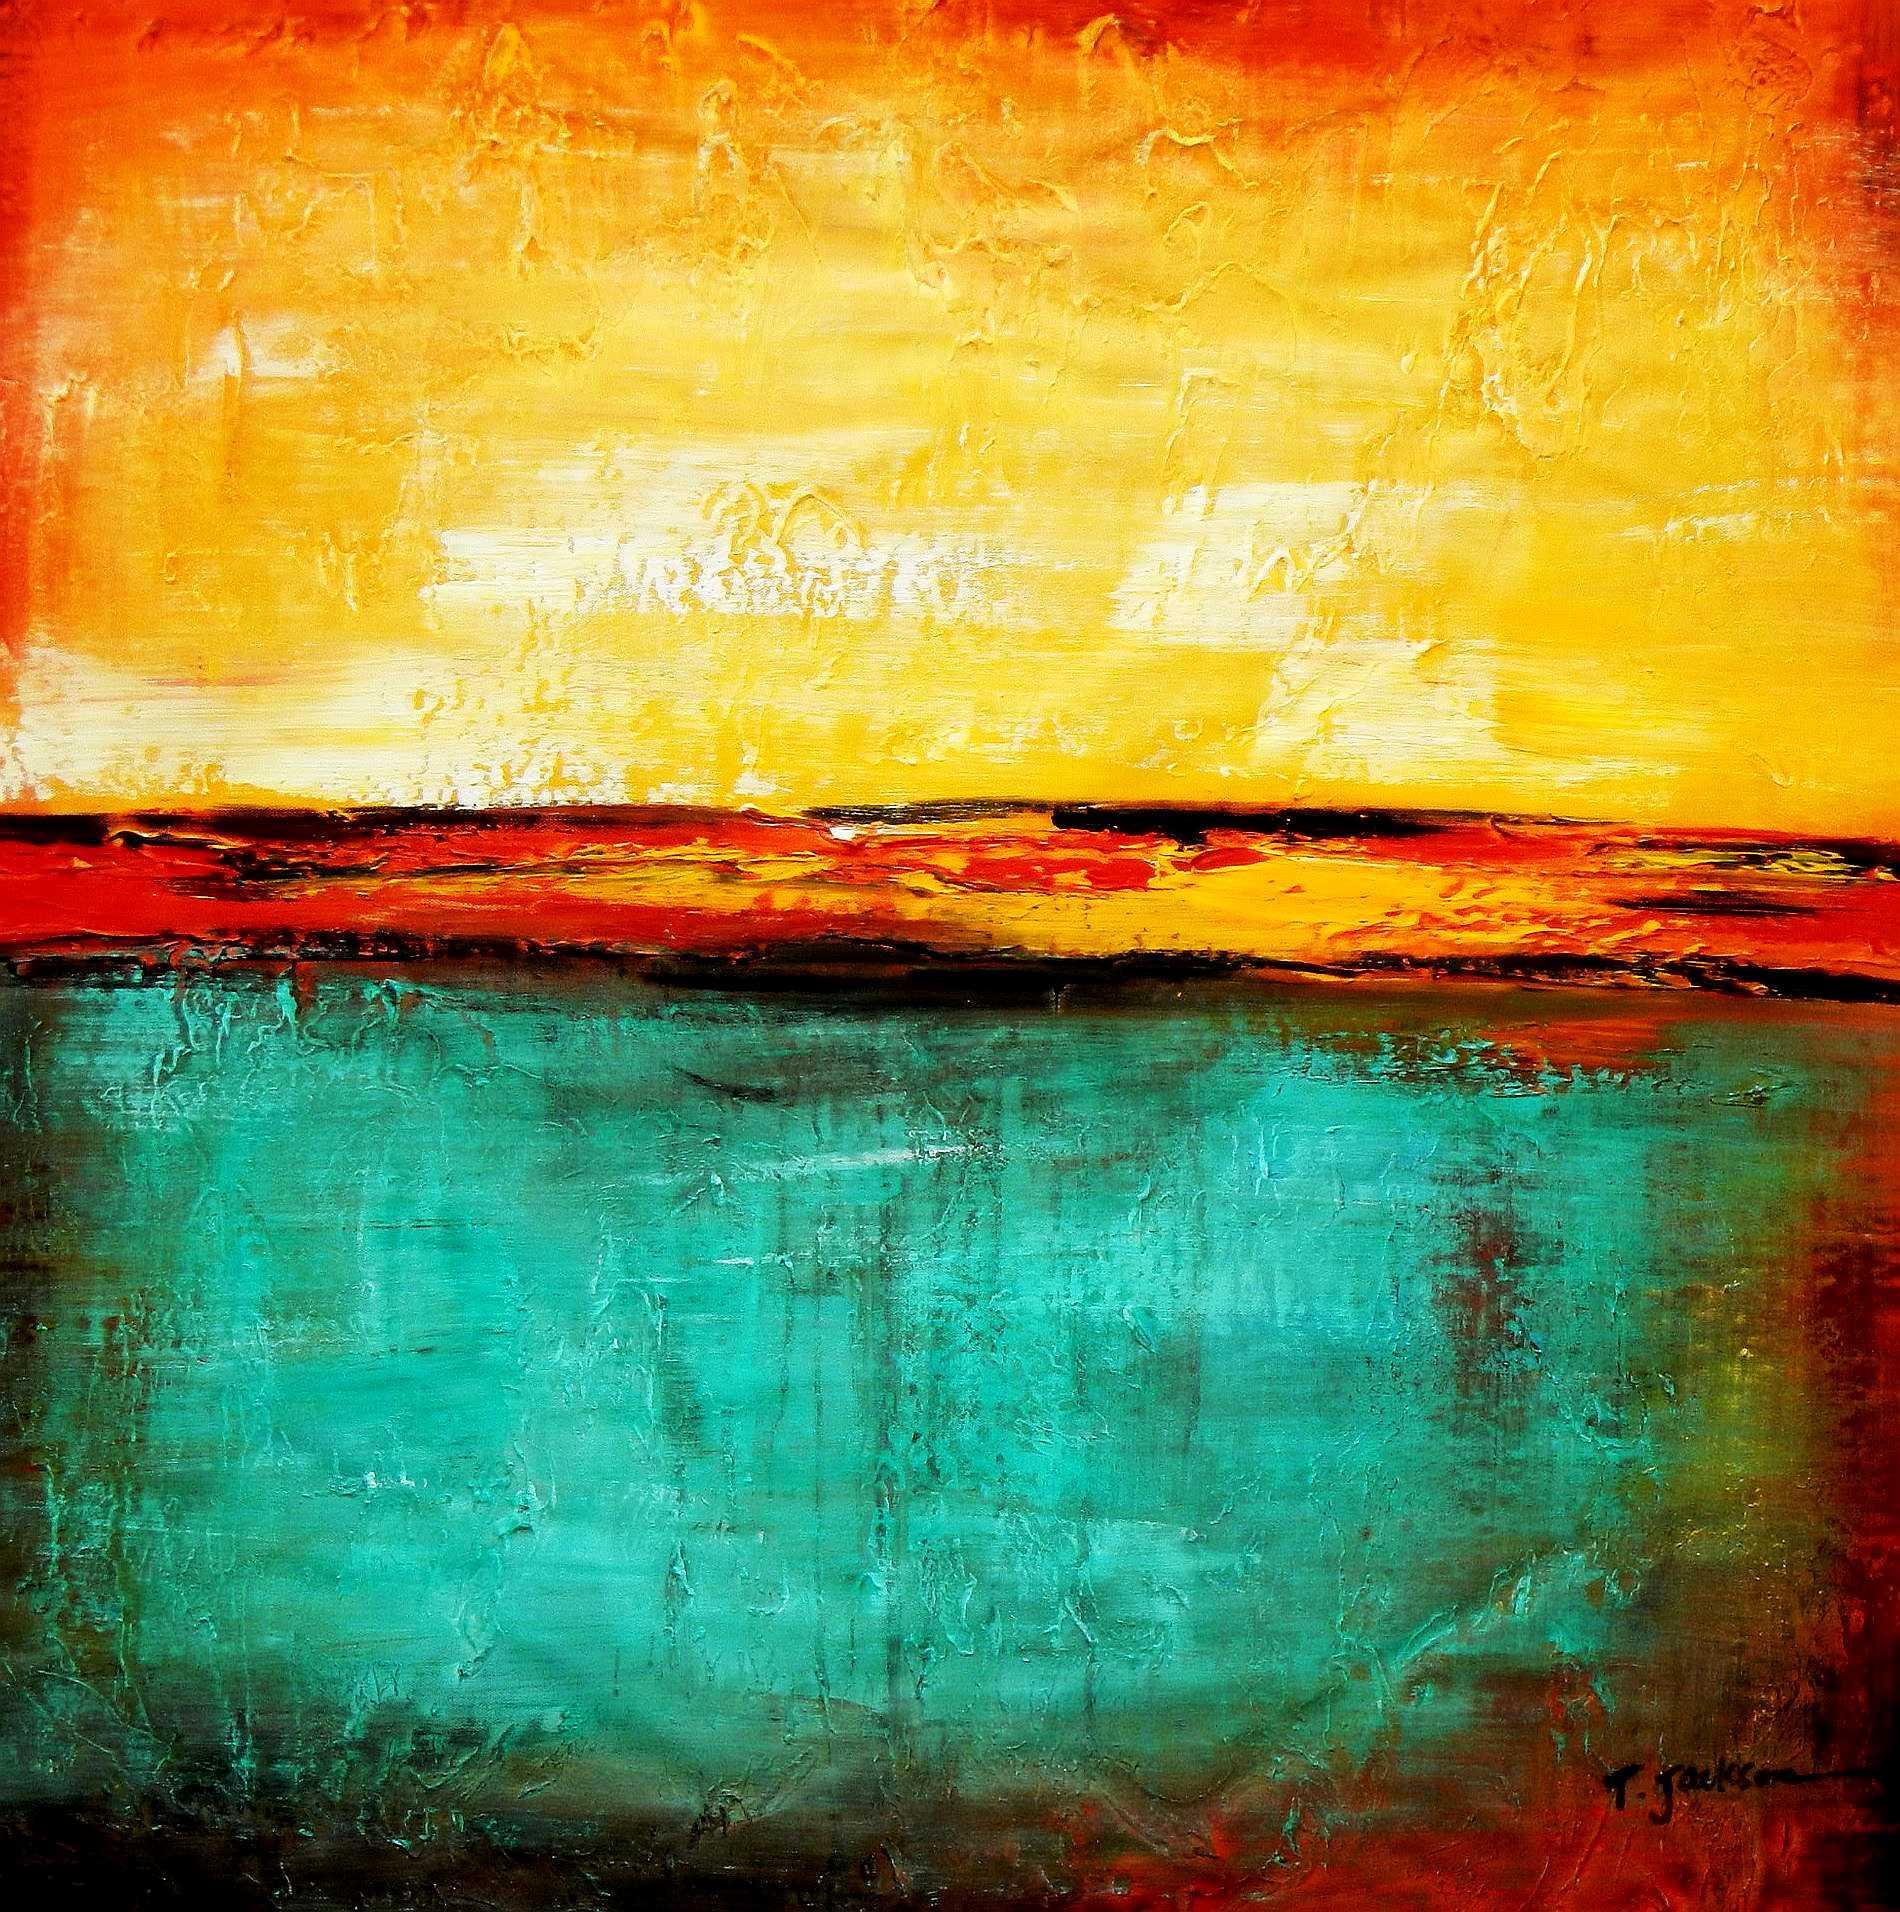 Abstract - Mirage in Babylon g94958 G 77x77cm (aufgespannt auf 4 cm Galeriekeilrahmen) abstraktes Ölbild